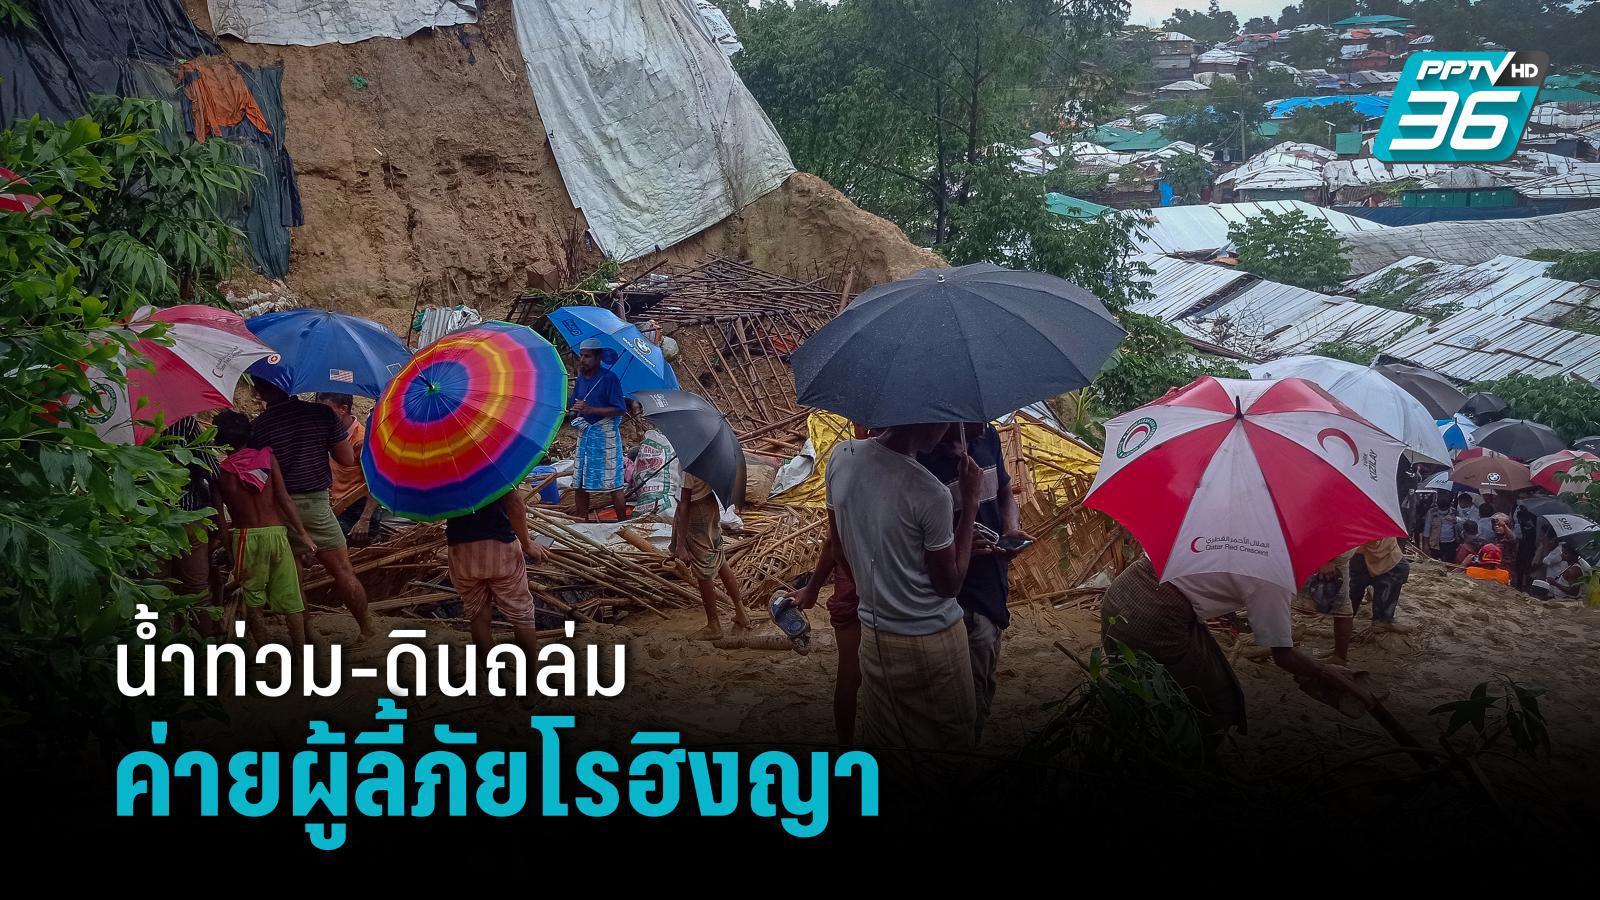 น้ำท่วม-ดินถล่มทับค่ายผู้ลี้ภัยโรฮิงญาในบังกลาเทศ ดับ 6 คน